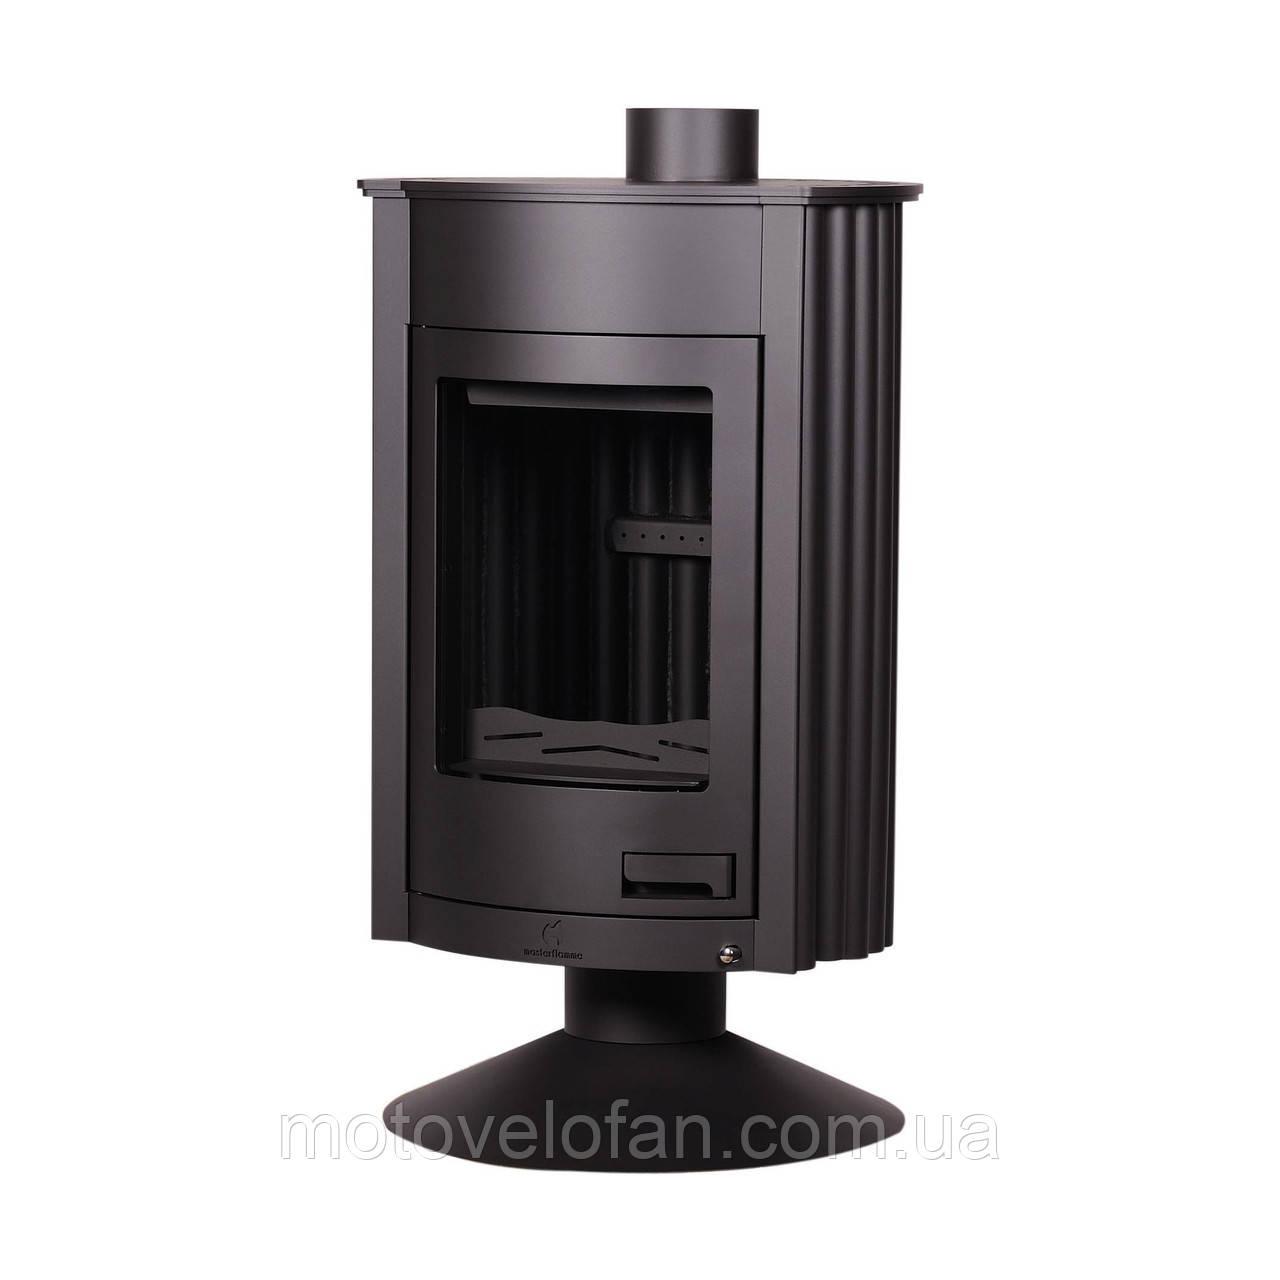 Отопительная печь-камин длительного горения Masterflamme Medie II (черный)